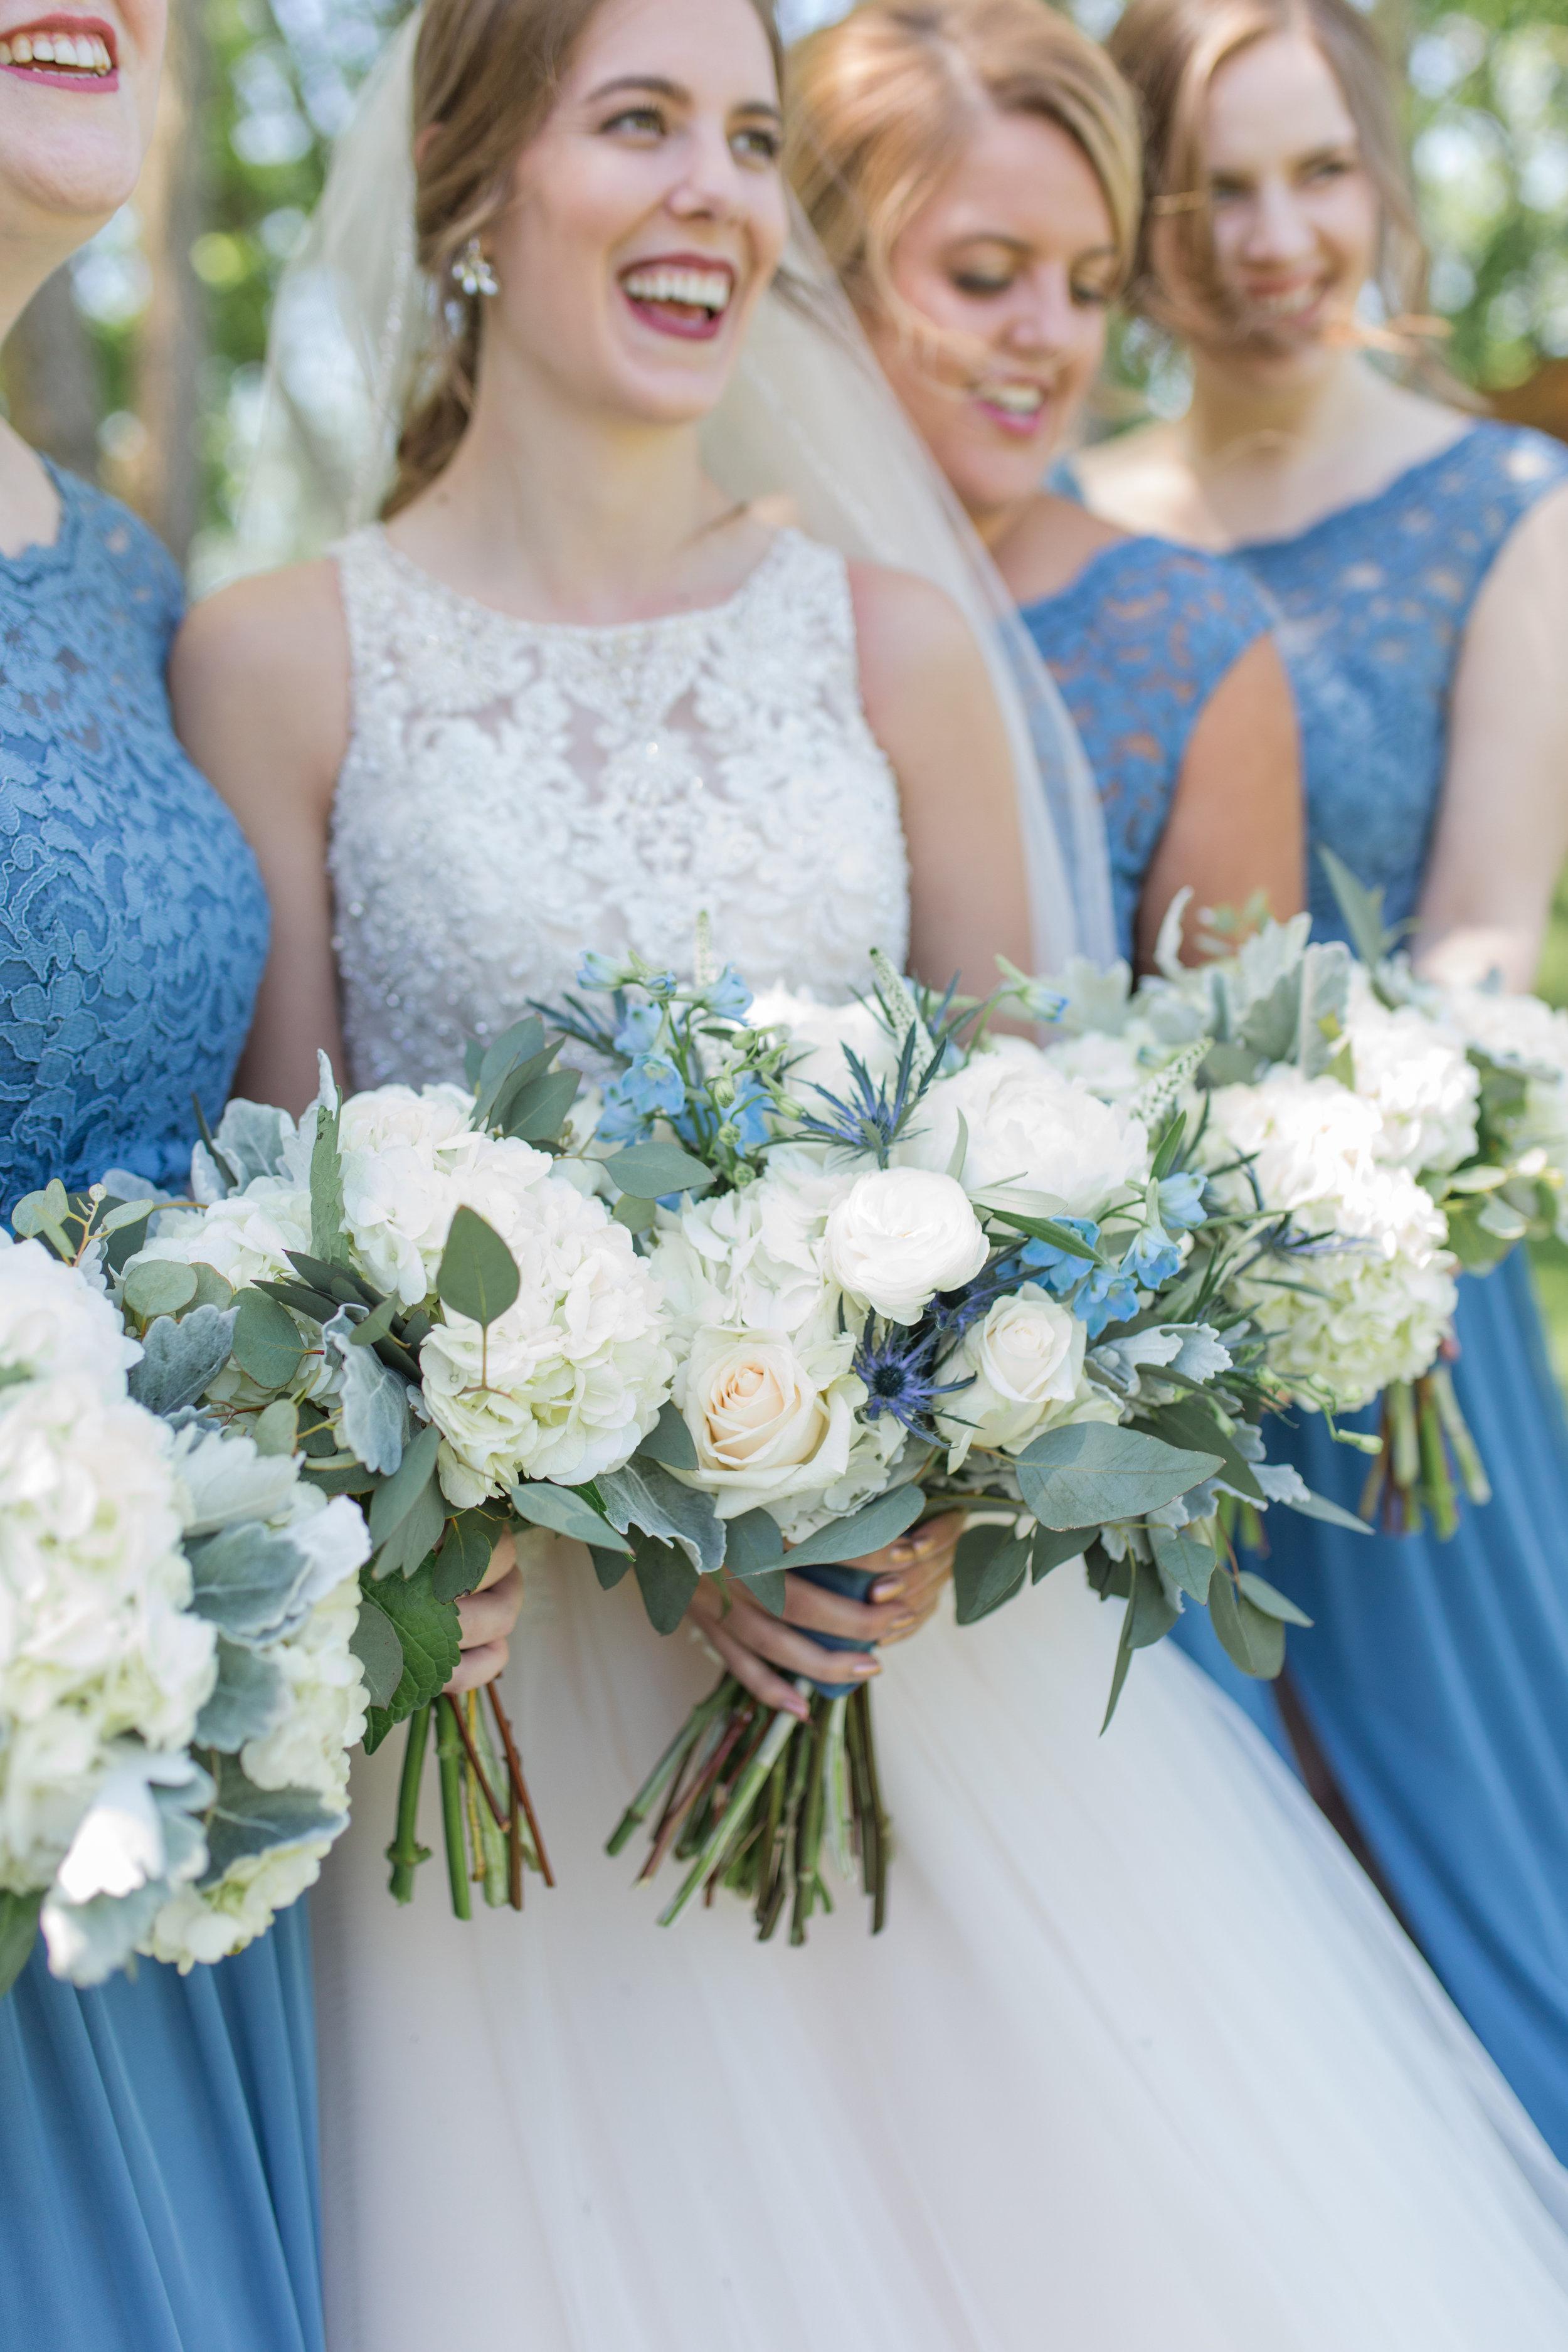 BridesmaidsEithFlowers